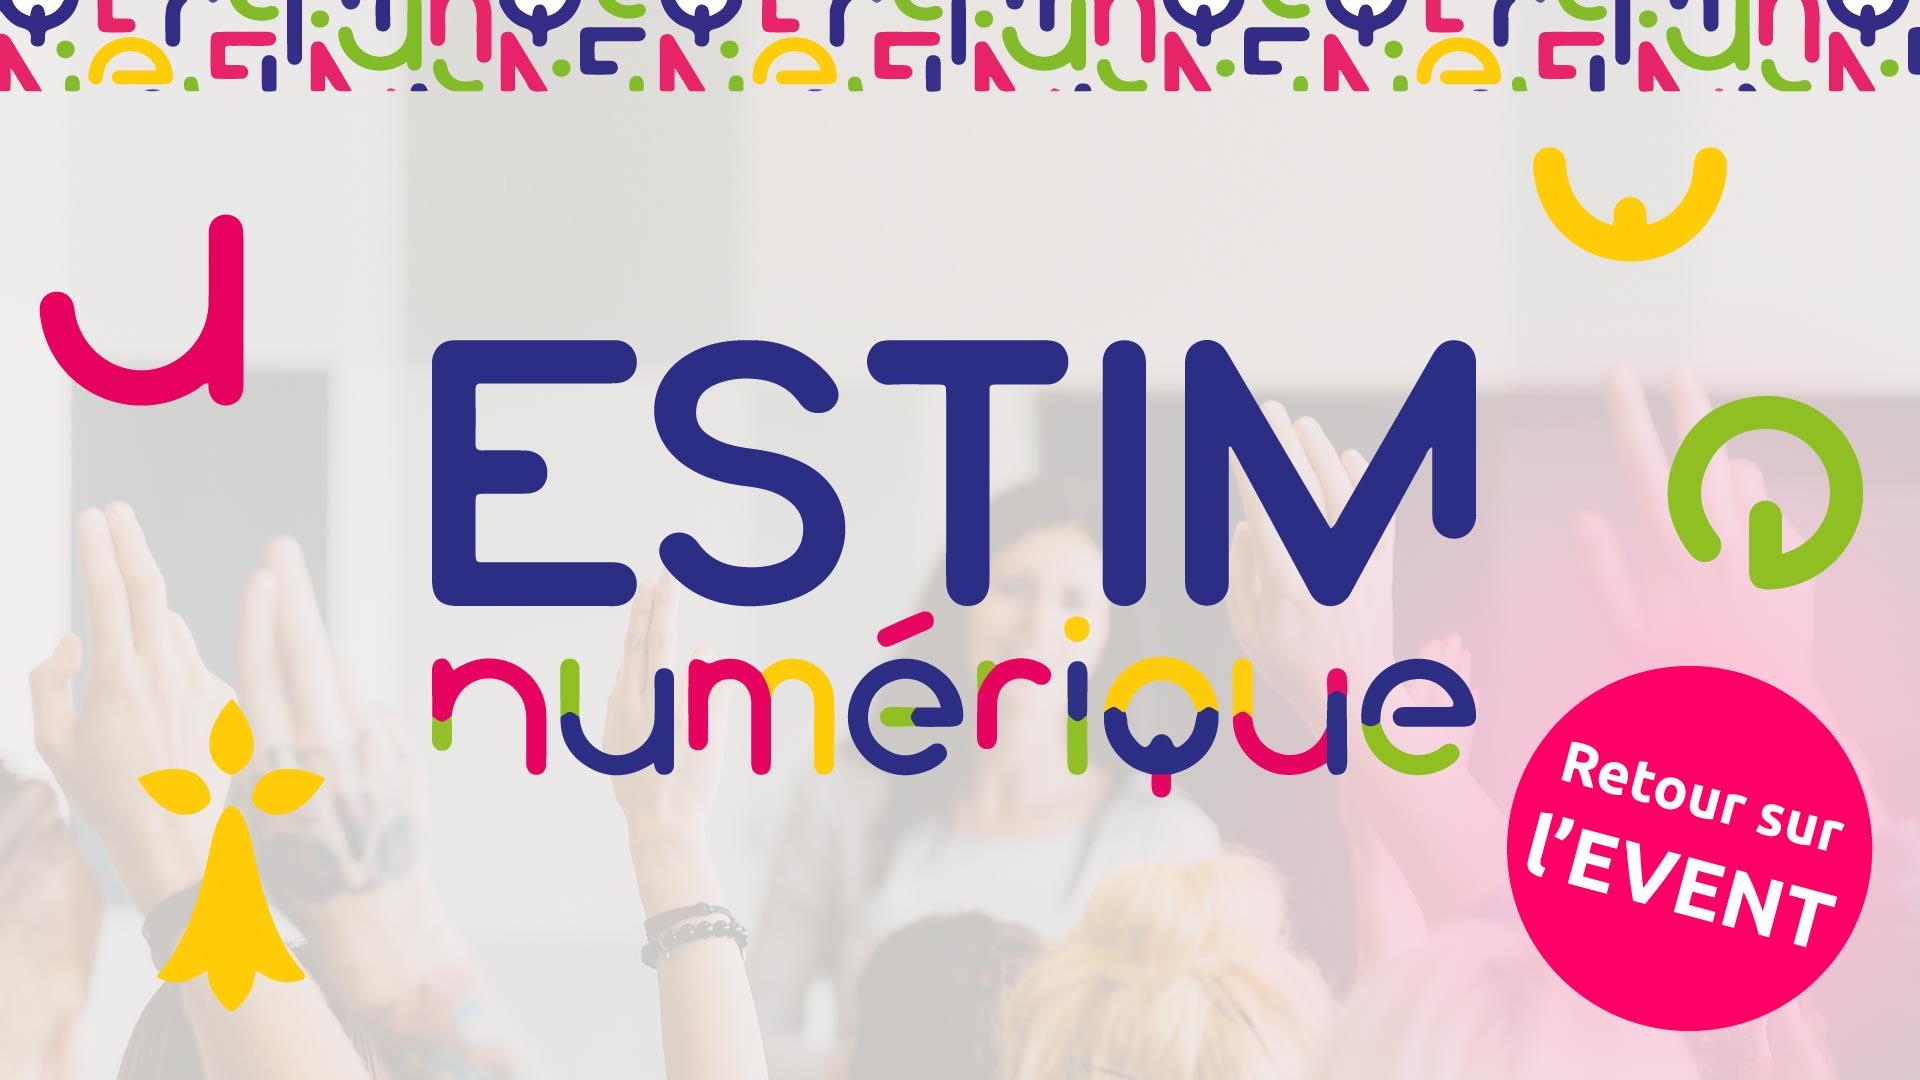 ESTIM-retour-EVENT-MGDIS